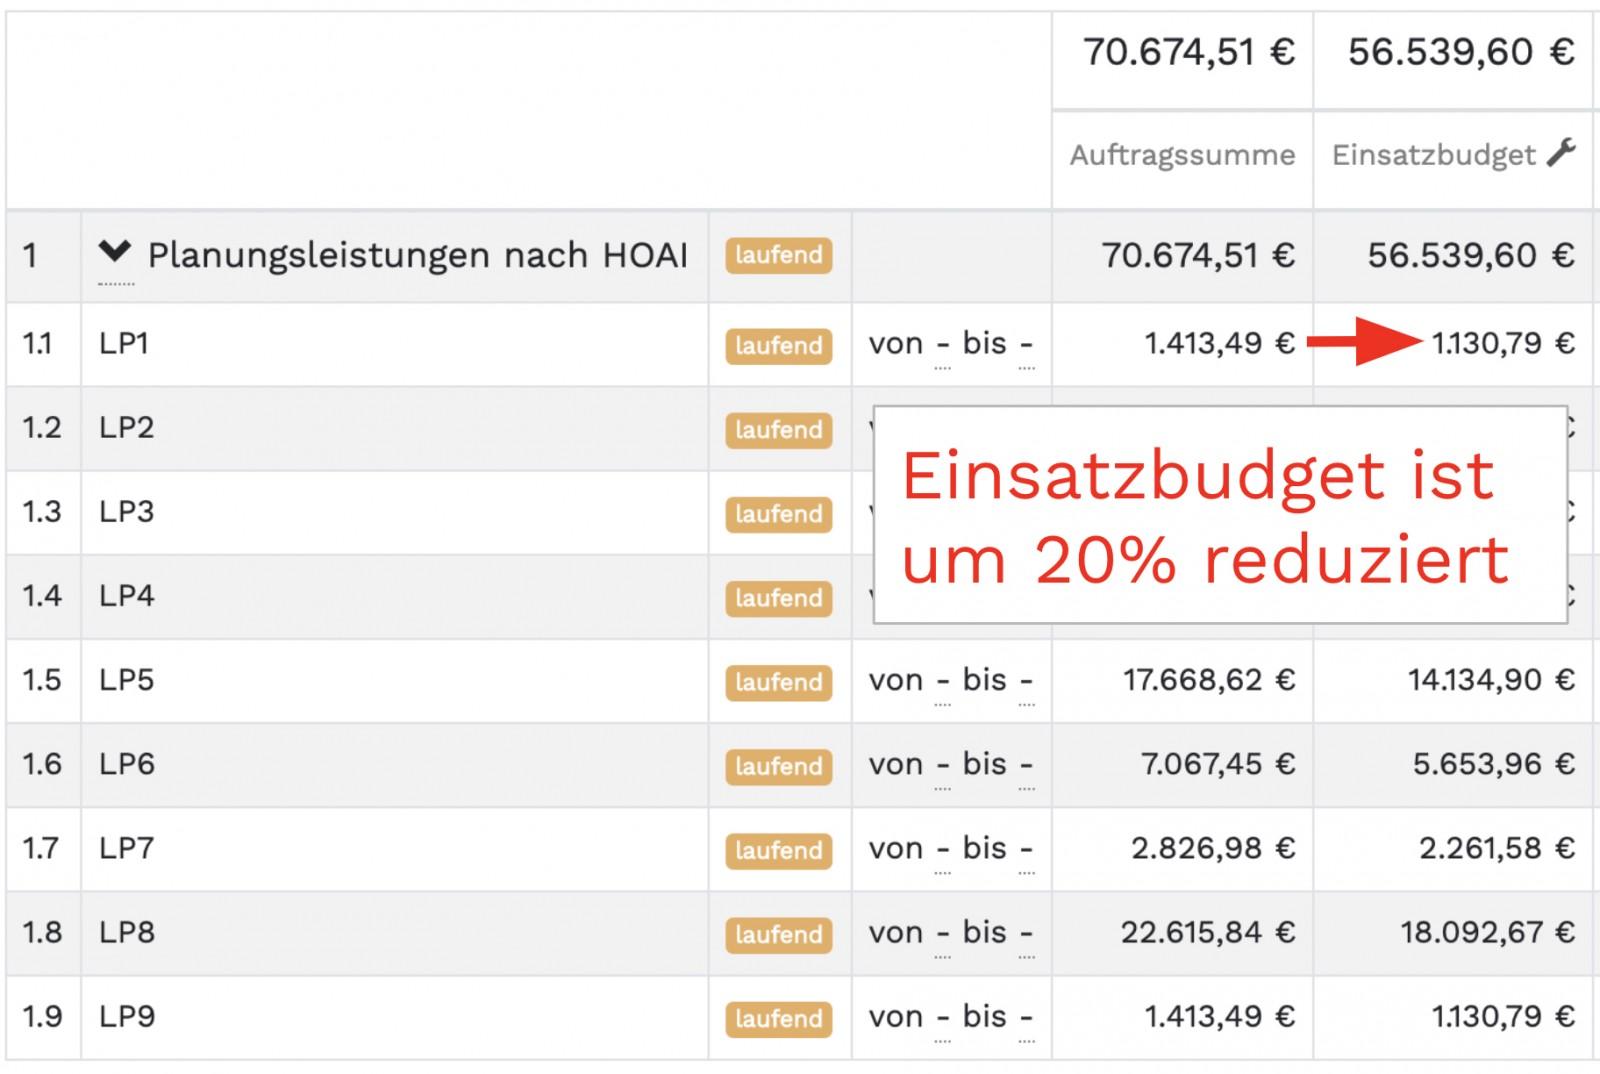 Reduktion der Auftragssumme (Bild: projo GmbH)